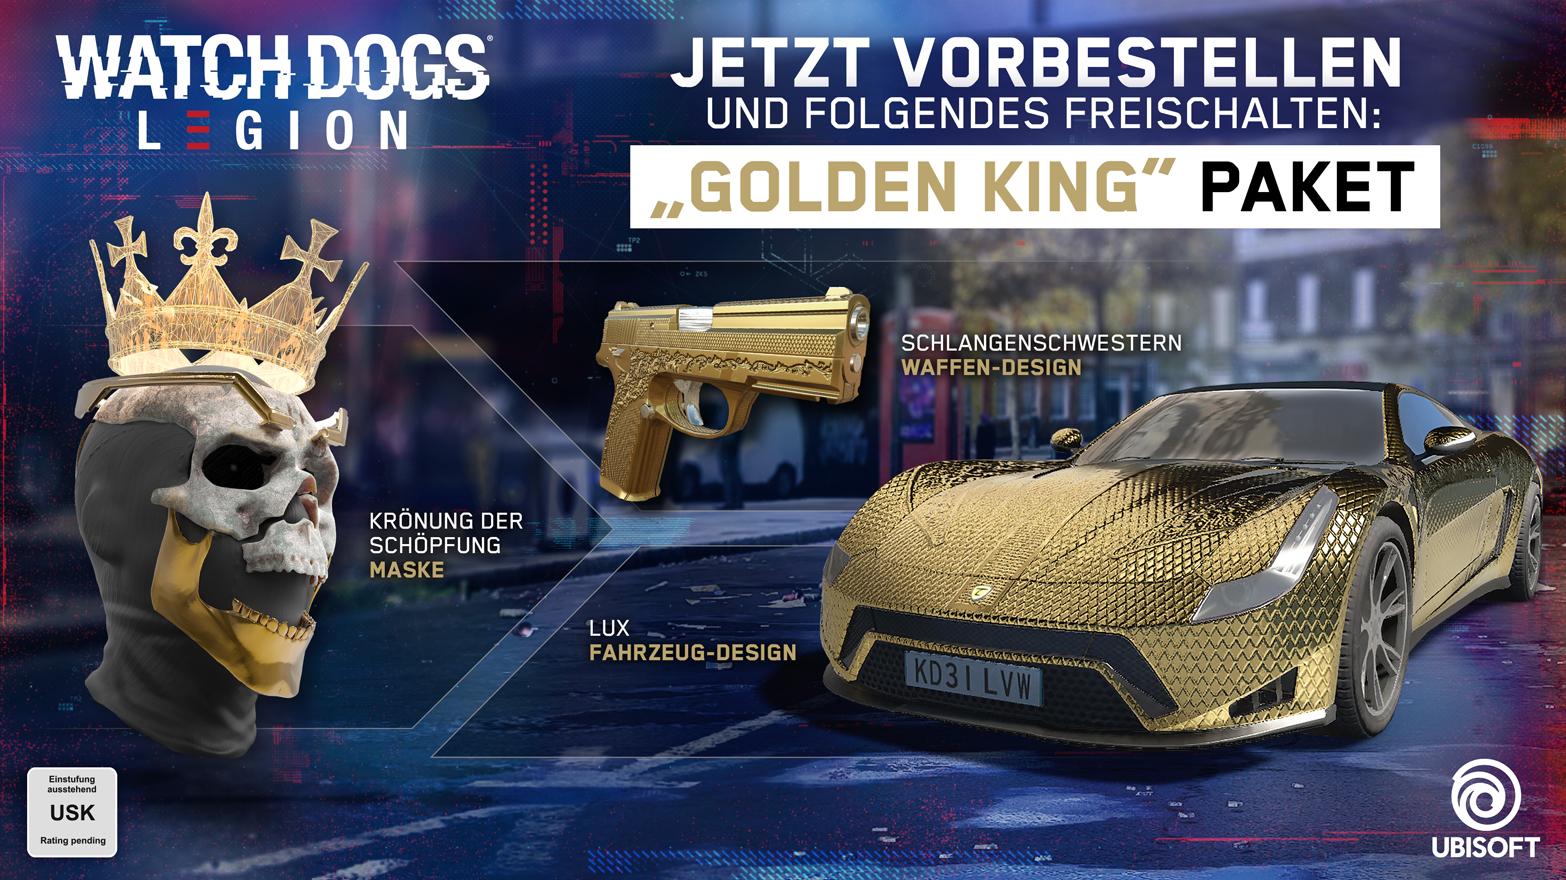 ULC Paket - Kronung der Schopfung Maske, Schlangenschwestern Waffen-design, Lux Fahrzug-design